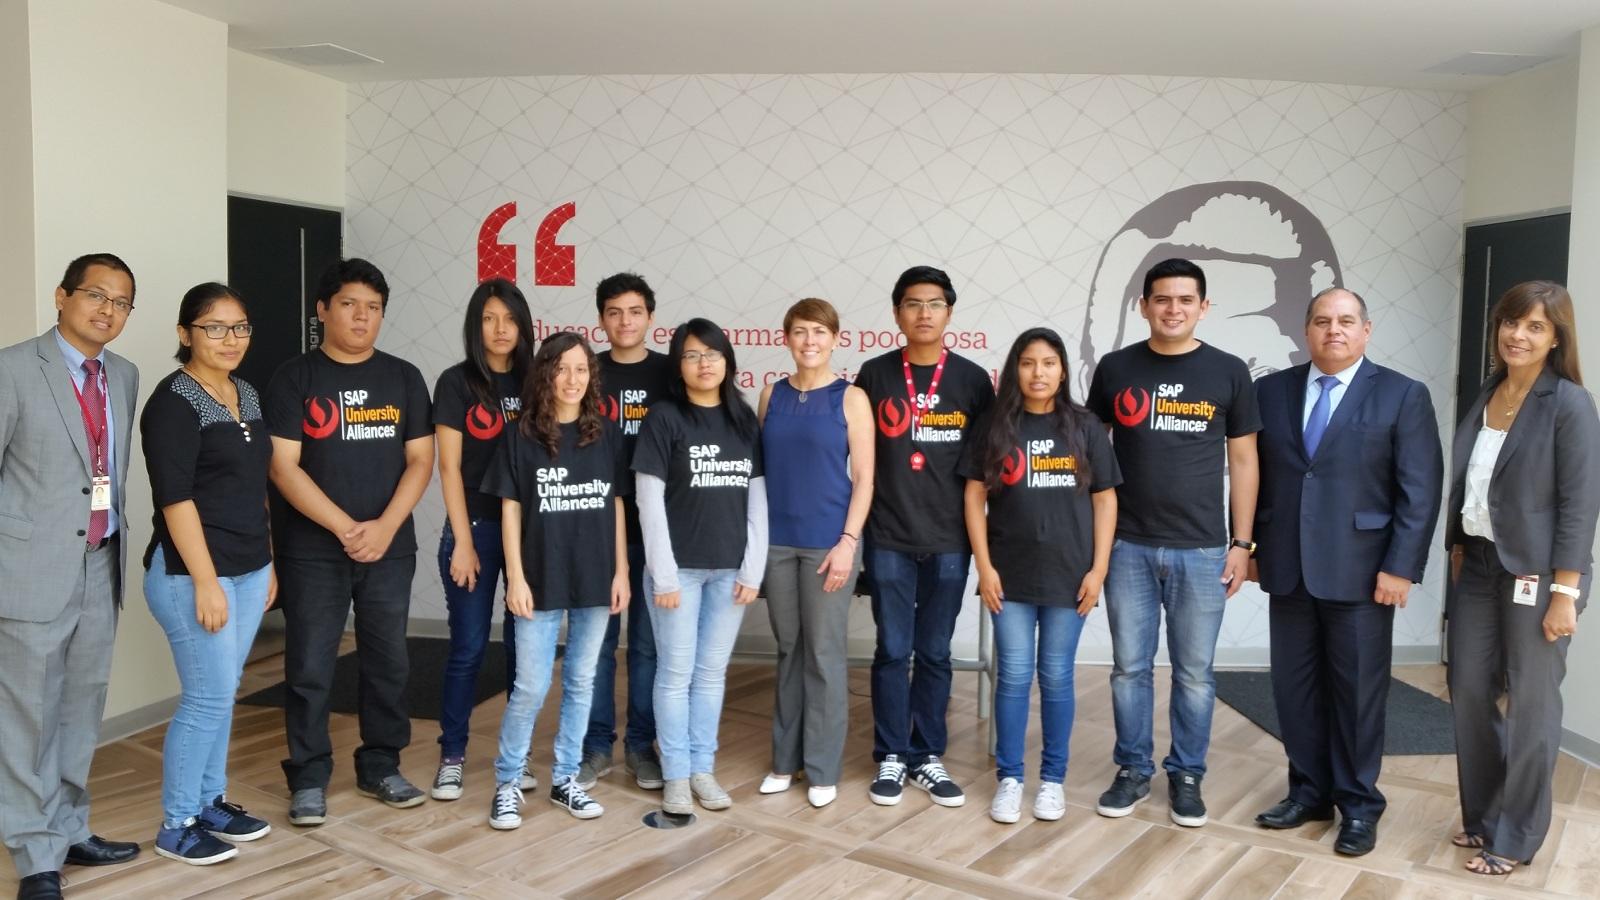 Ingeniería de la UPC con SAP organizaron el Digital Transformation Faculty Day